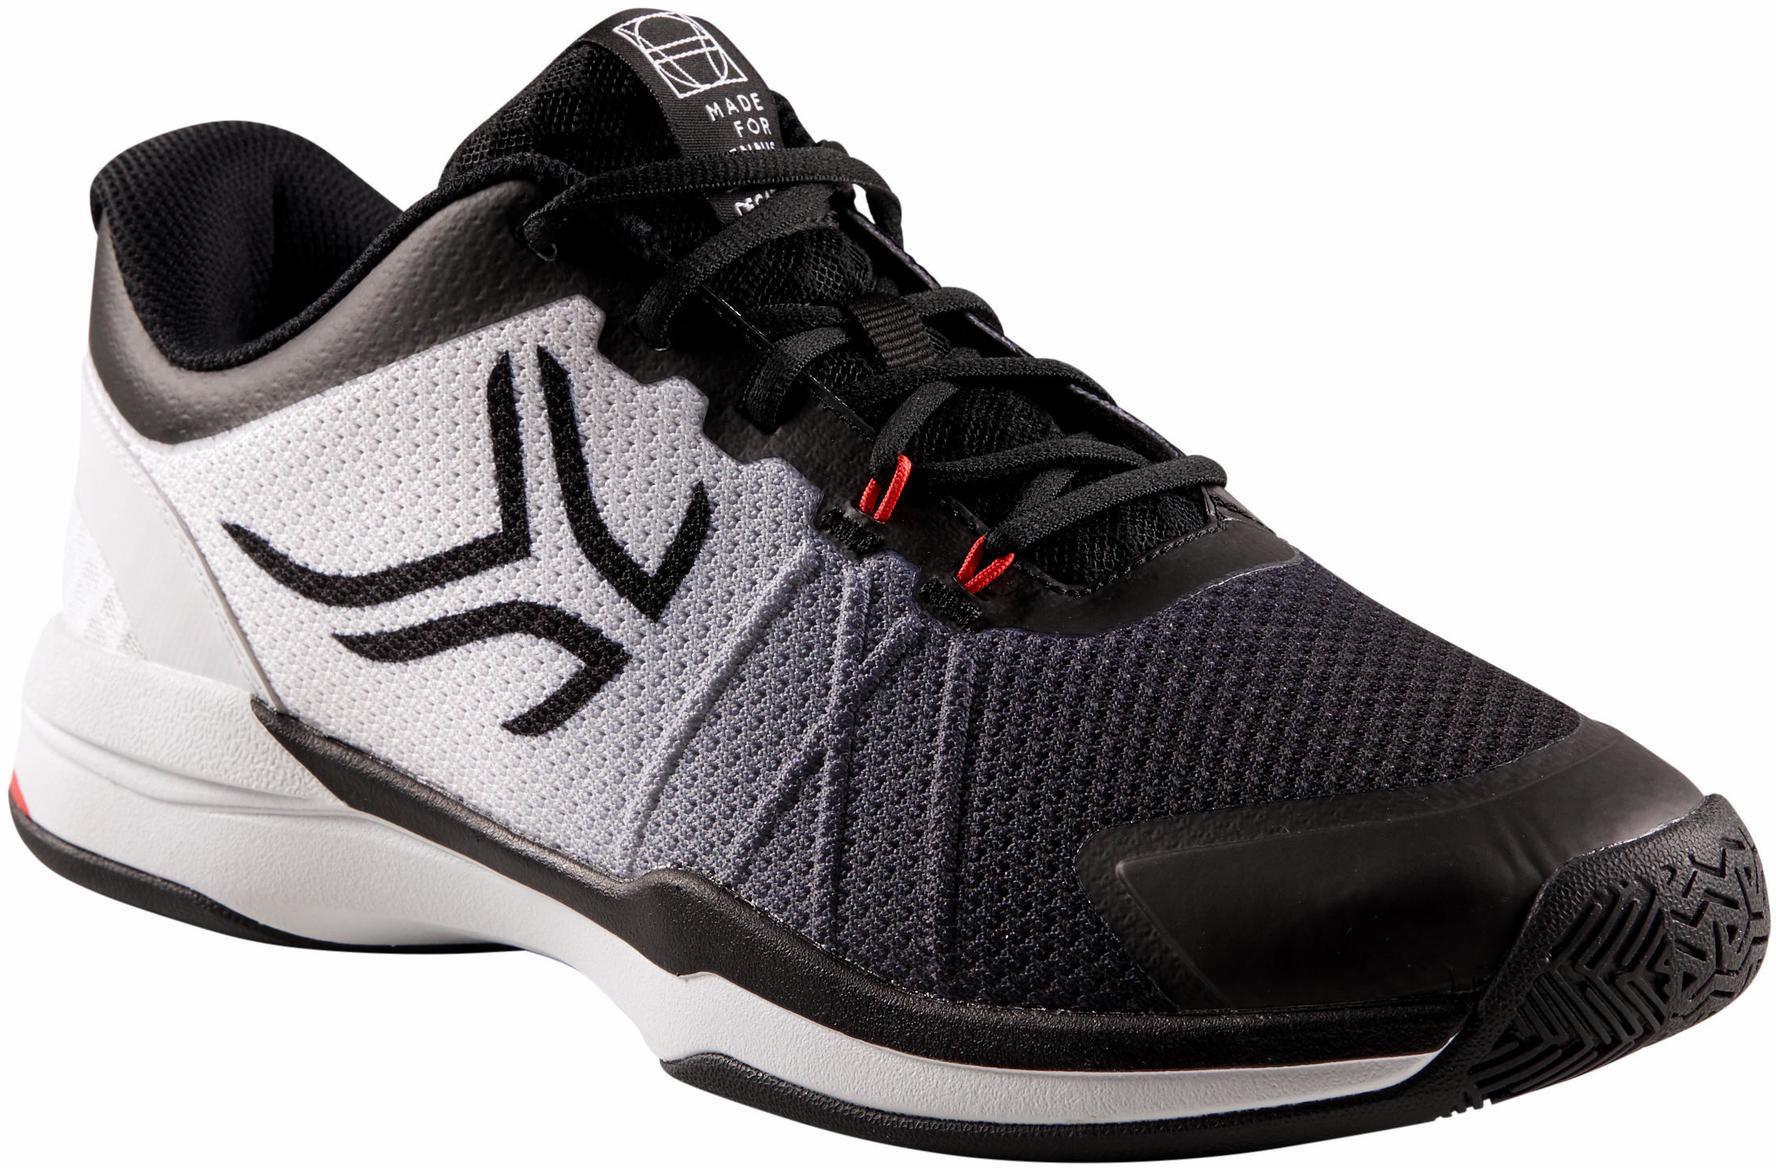 Buty tenisowe męskie Artengo TS590 na każdą nawierzchnię